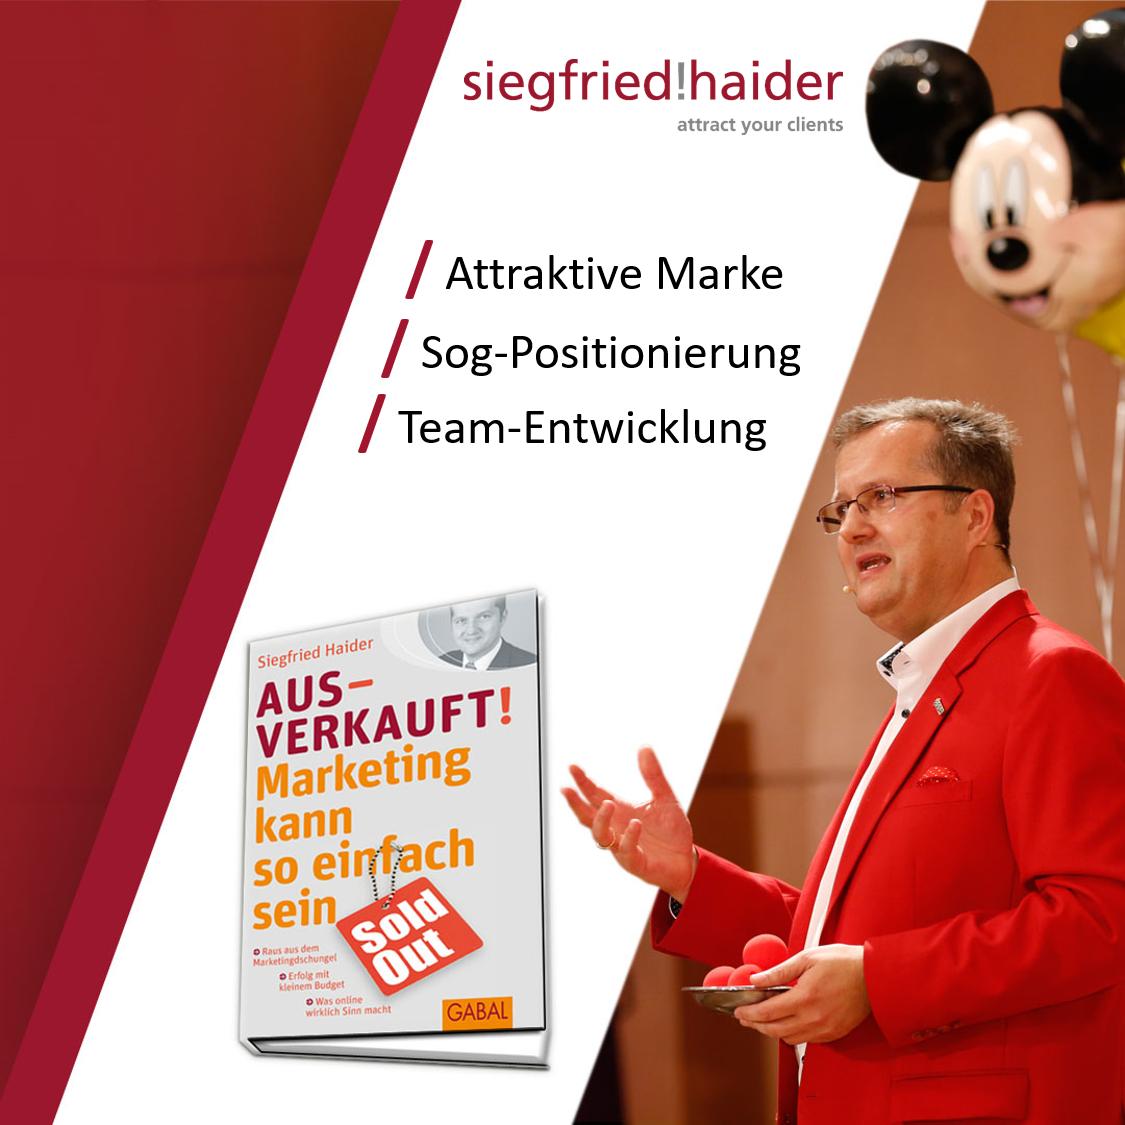 d3f0da4ced Andere über mich - Siegfried Haider - Mehr-Umsatz Experte für  Helium-Marketing und erfolgreiche Positionierung - siegfried!haider